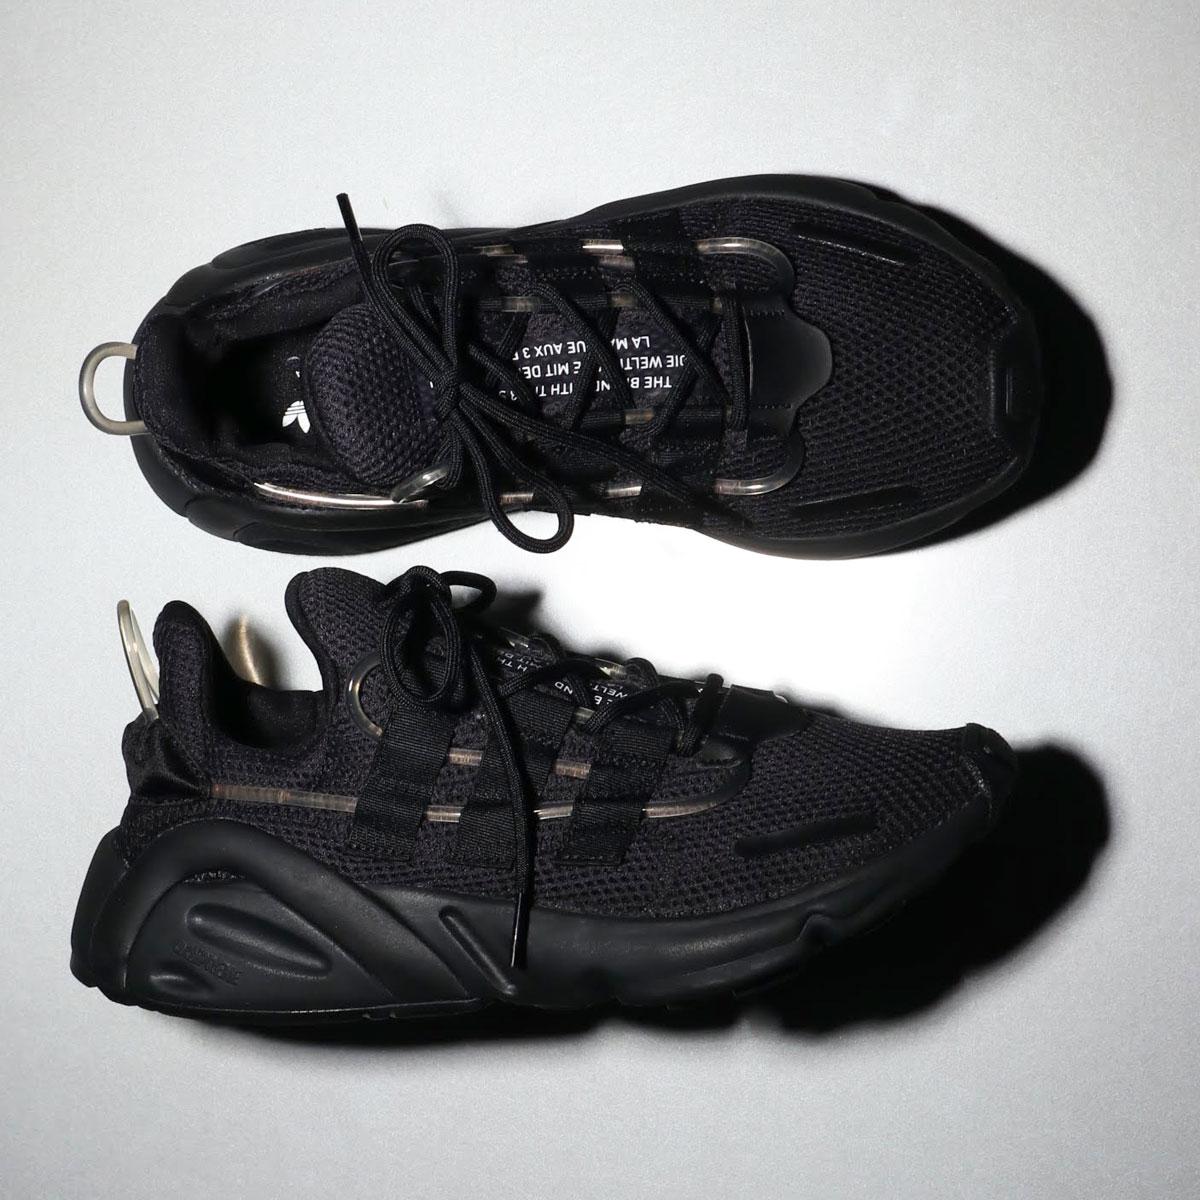 adidas Originals LXCON(アディダスオリジナルス レキシコン)CORE BLACK/CORE BLACK/RUNNING WHITE【メンズ レディース スニーカー】19FW-S